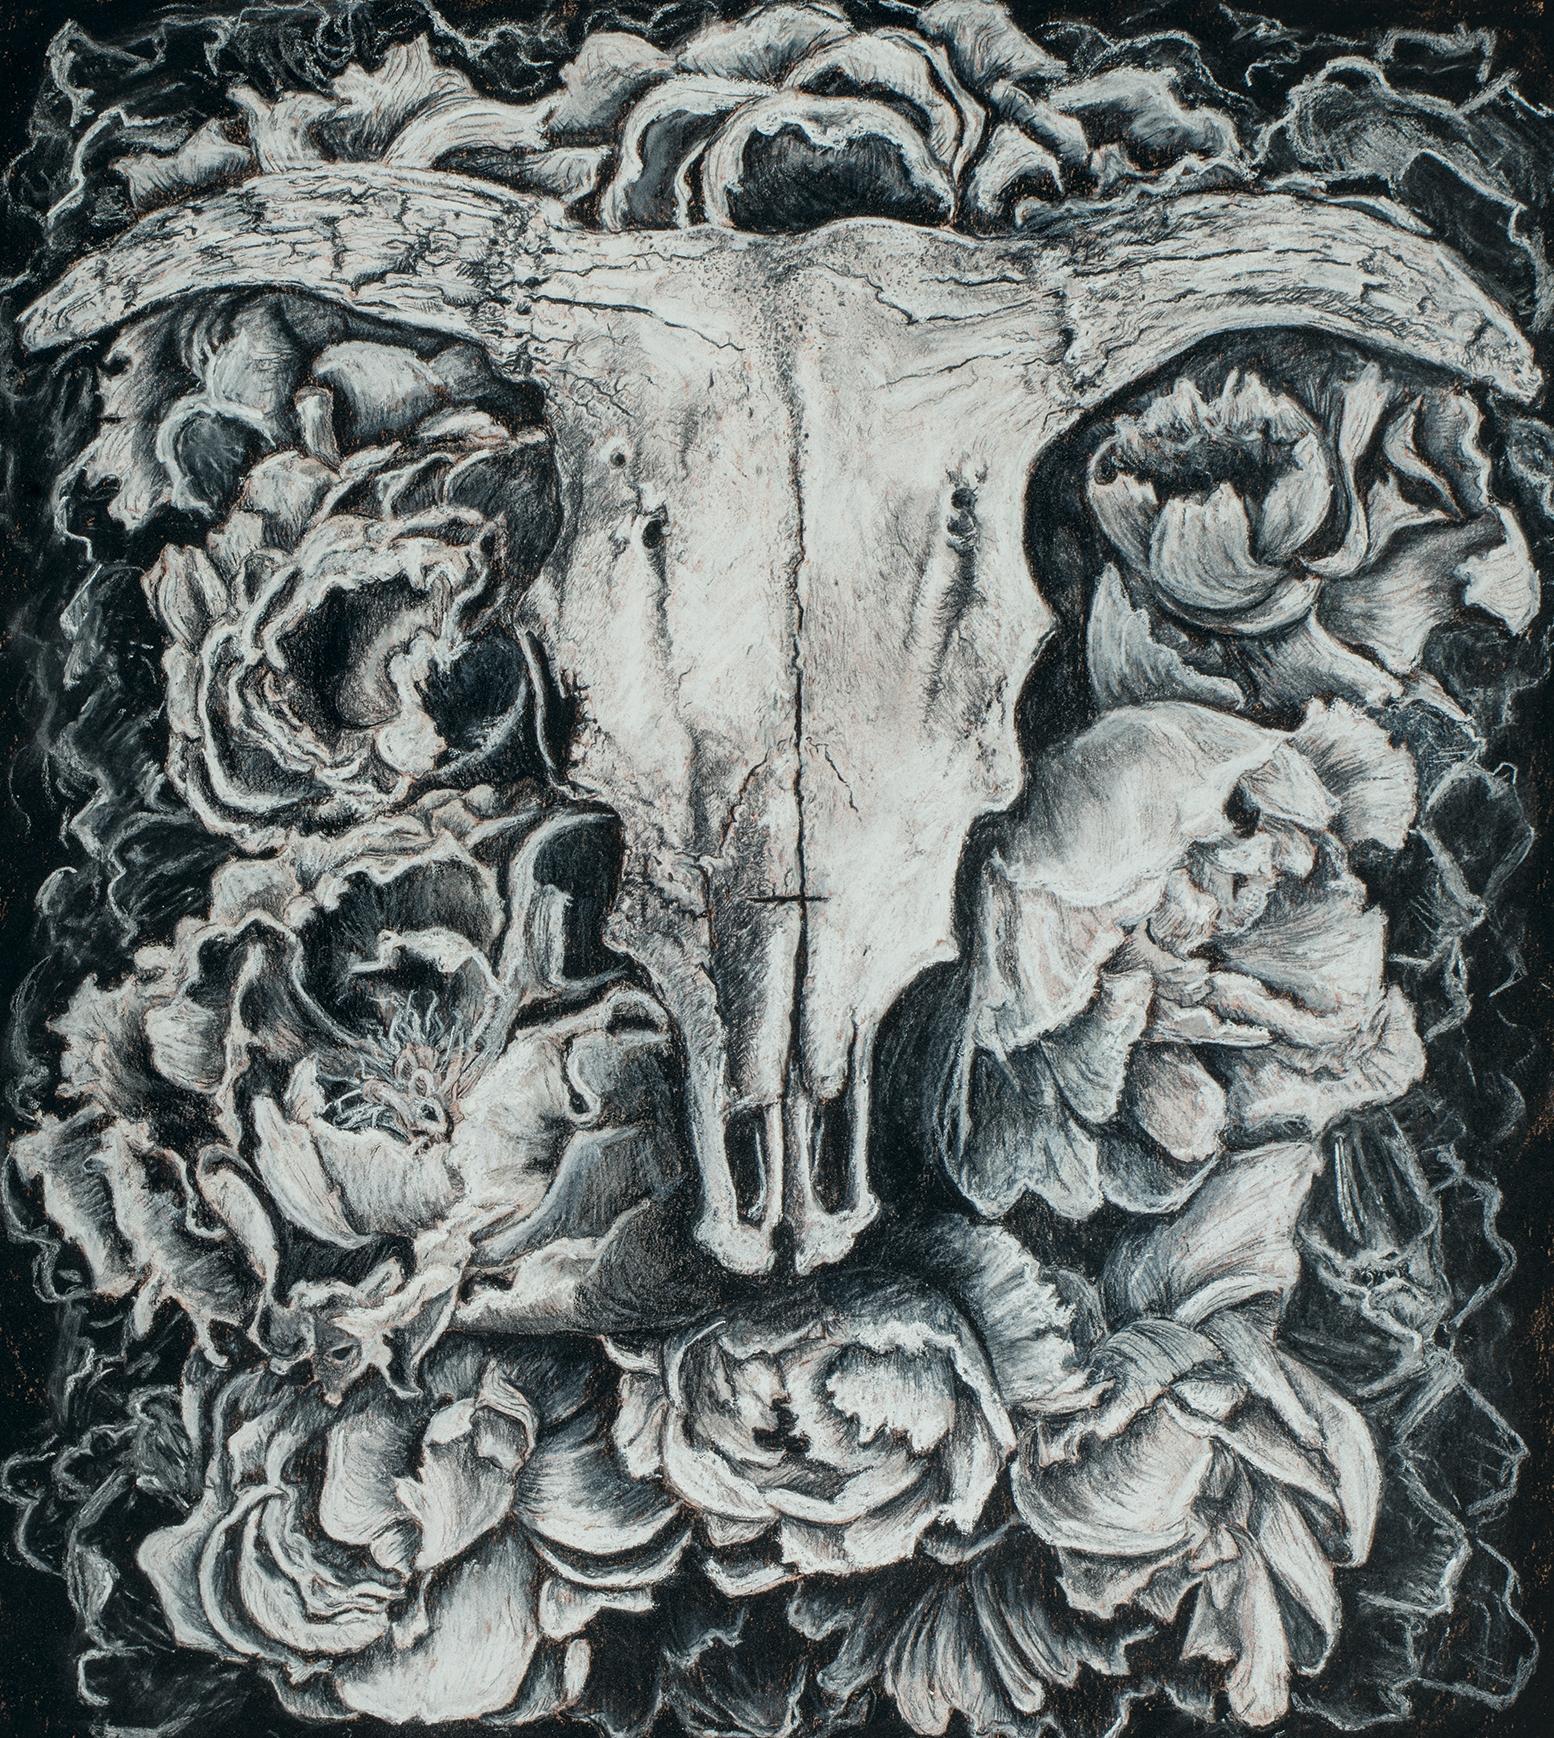 cow skull.jpg